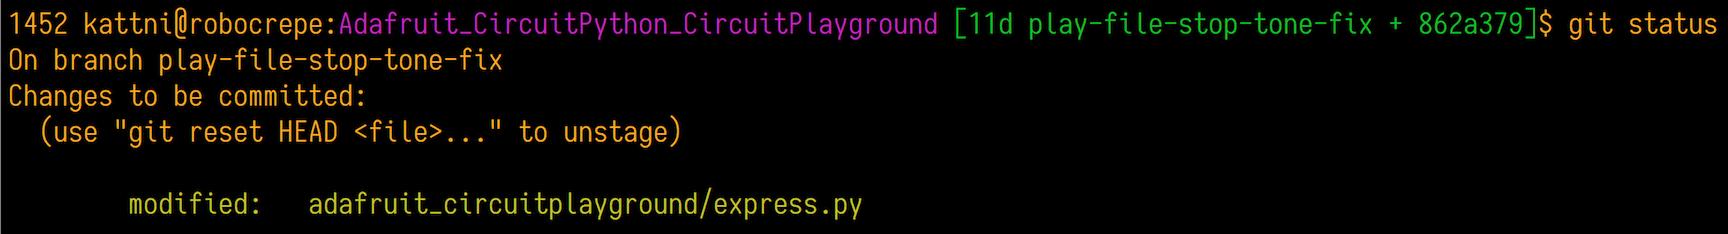 circuitpython_GitStatusChangesToBeCommitted.png